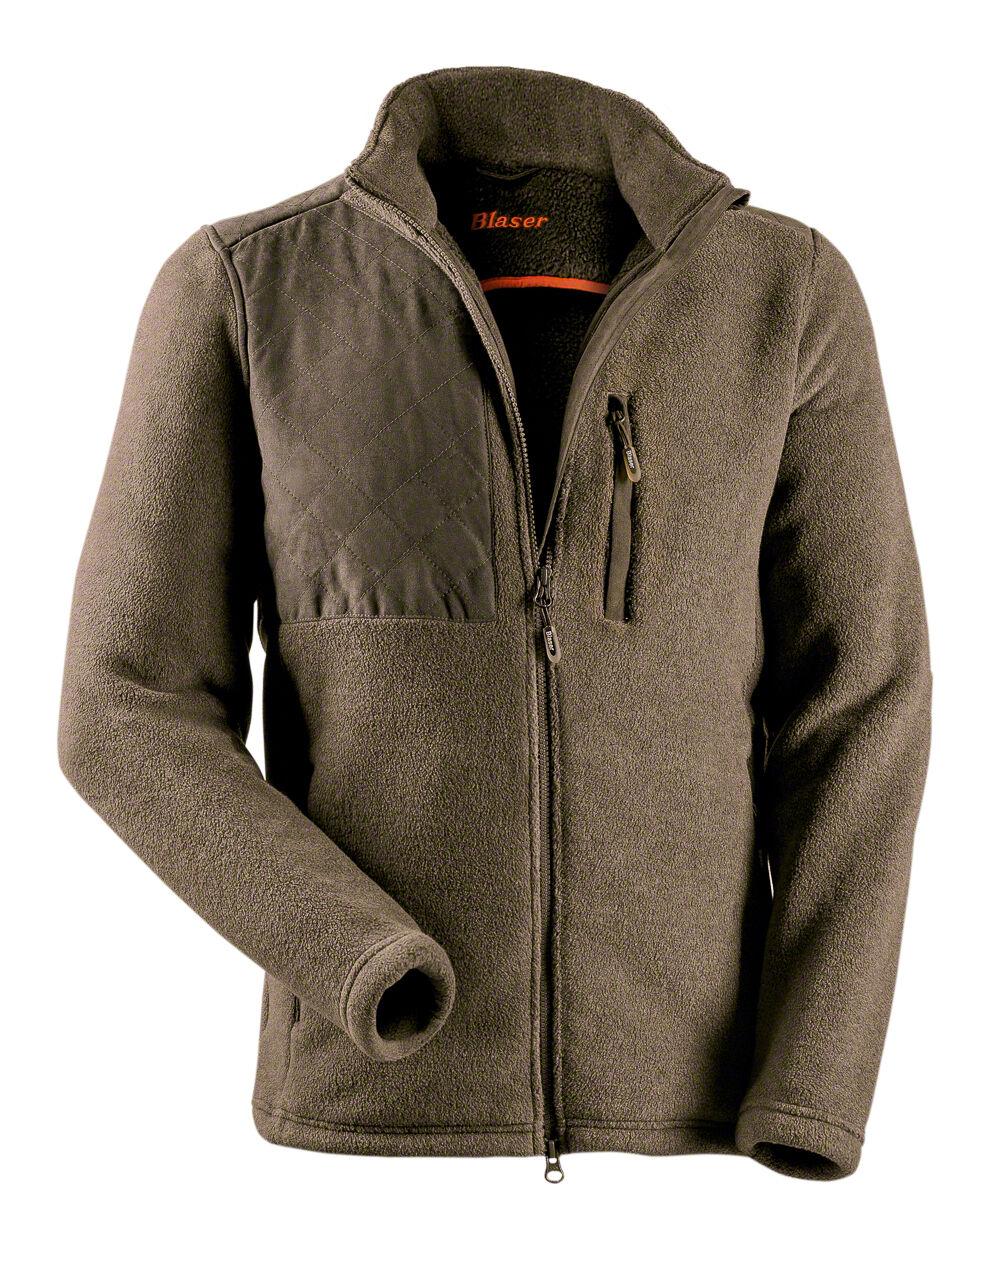 Nuevo Blaser Chaqueta  Polar Johann - Barro- 115008-008  disfrutando de sus compras